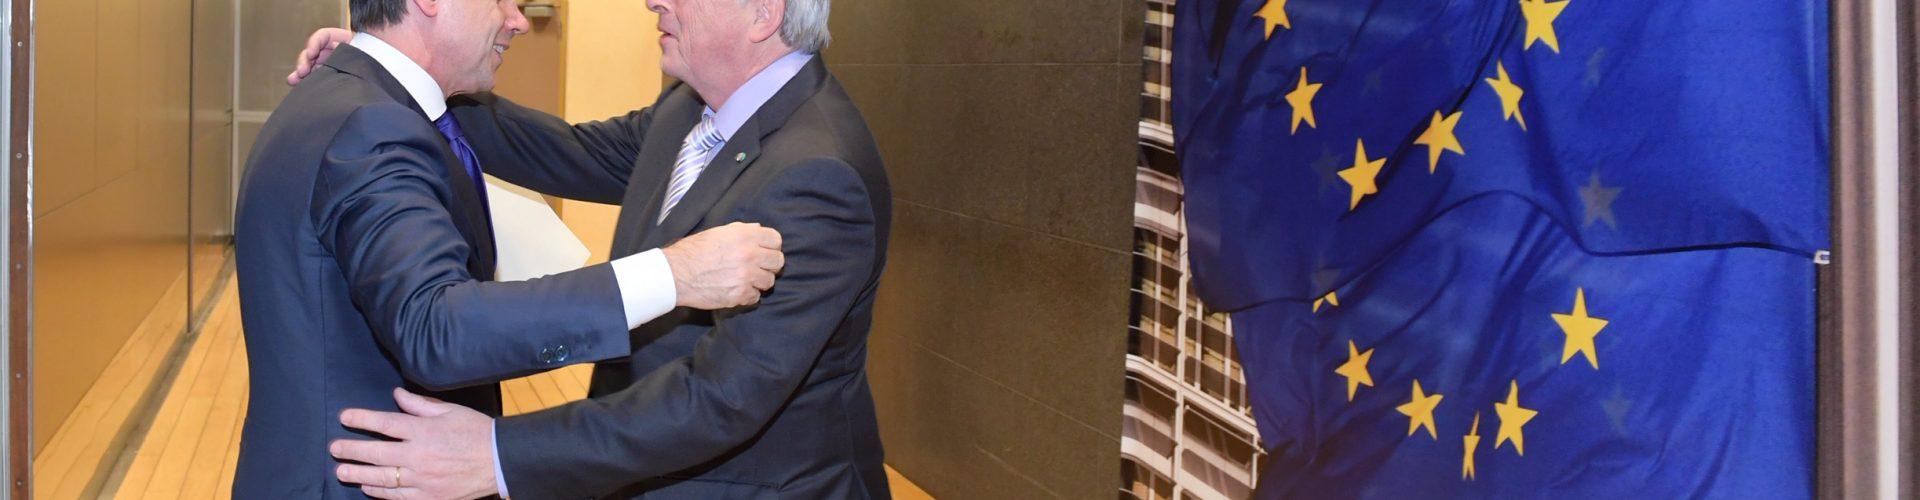 Come va la trattativa Conte-Juncker sulla Manovra